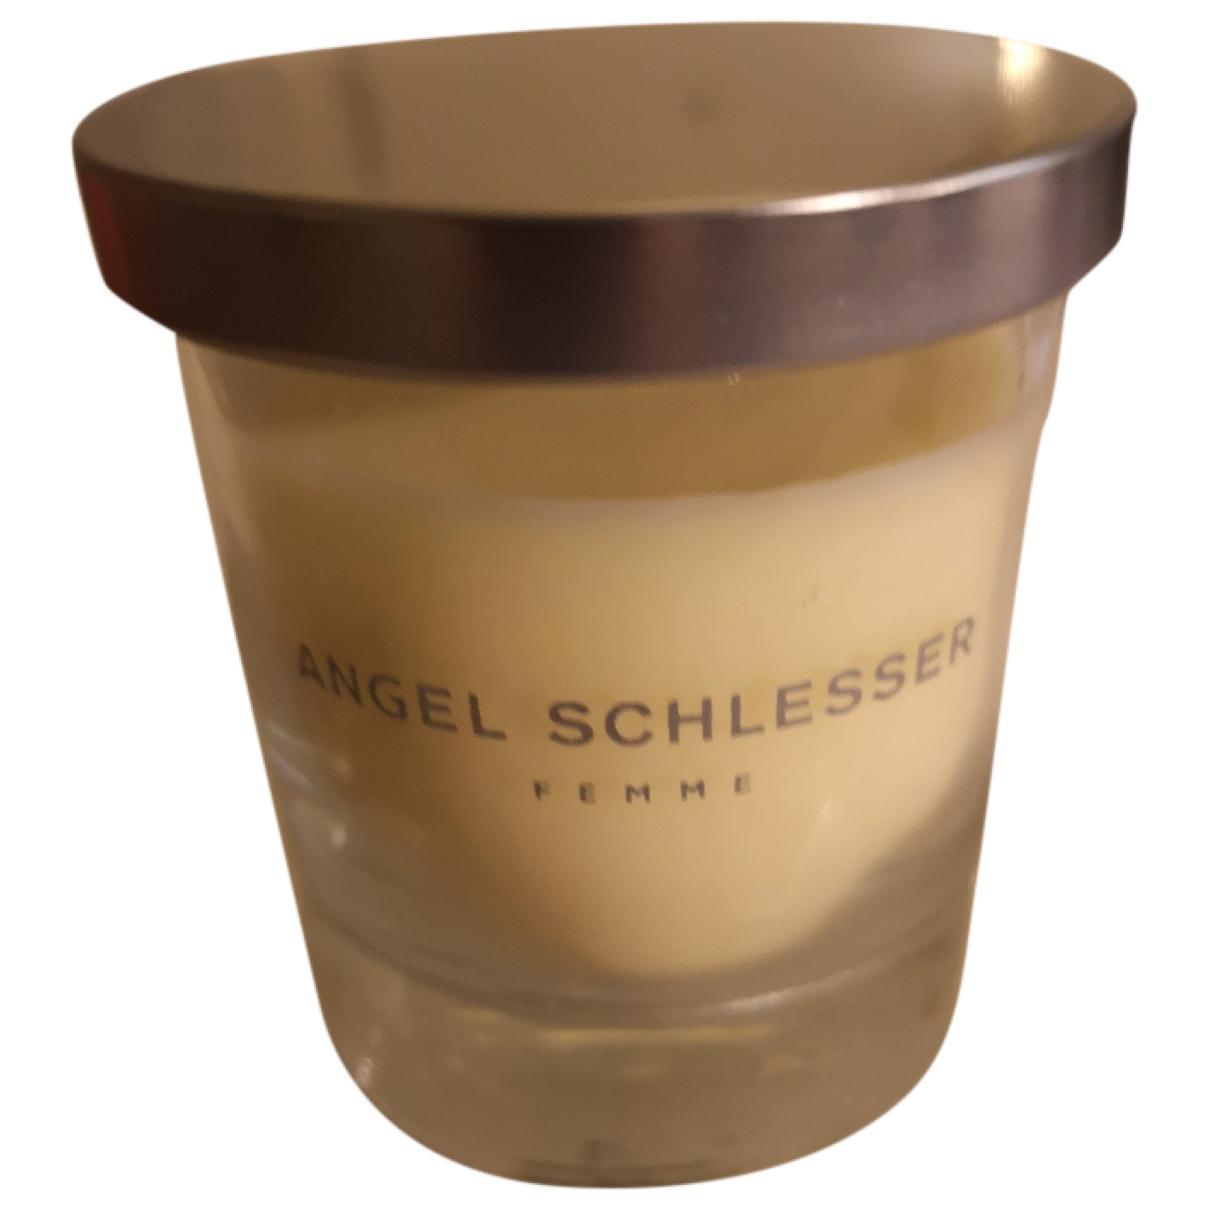 Angel Schlesser \N Accessoires und Dekoration in  Gelb Glas